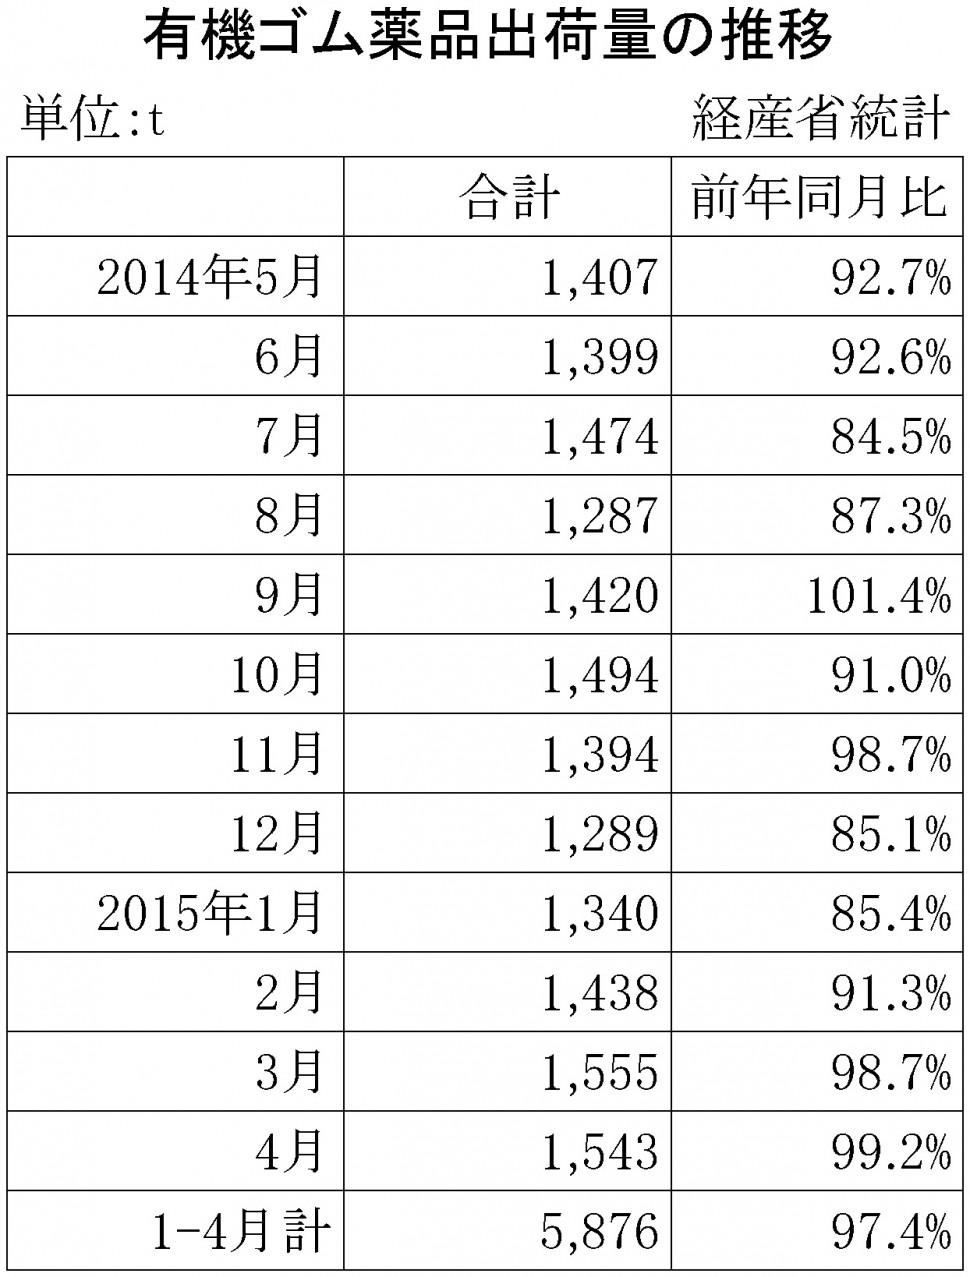 2015年4月のゴム薬品推移